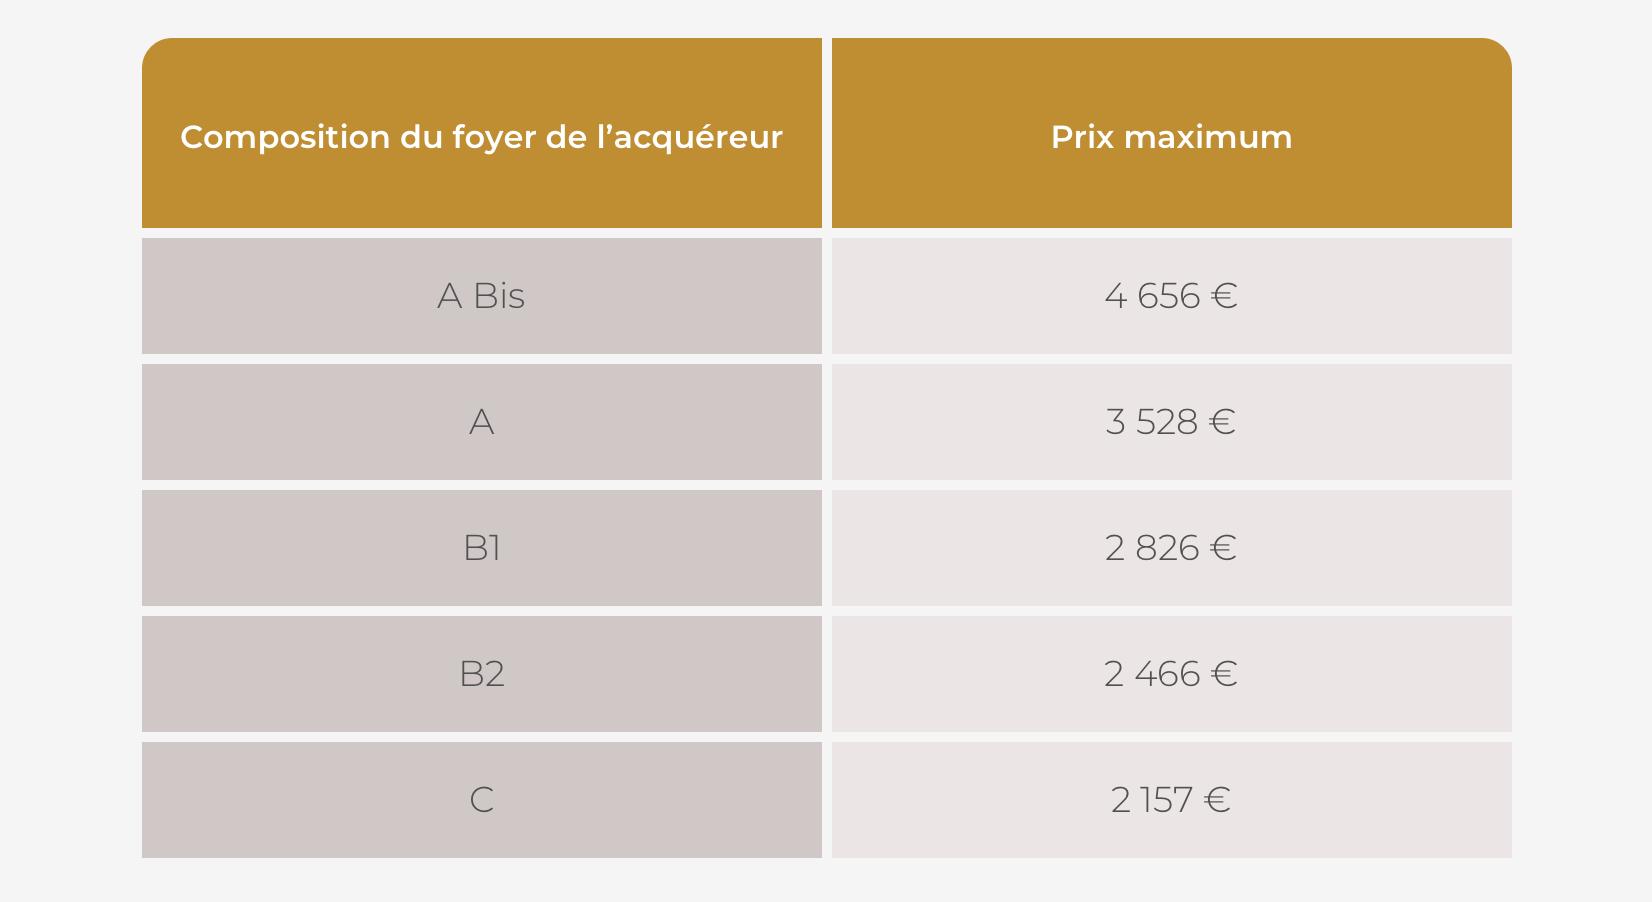 plafonds_prix_de_vente_tva_reduite_coffim